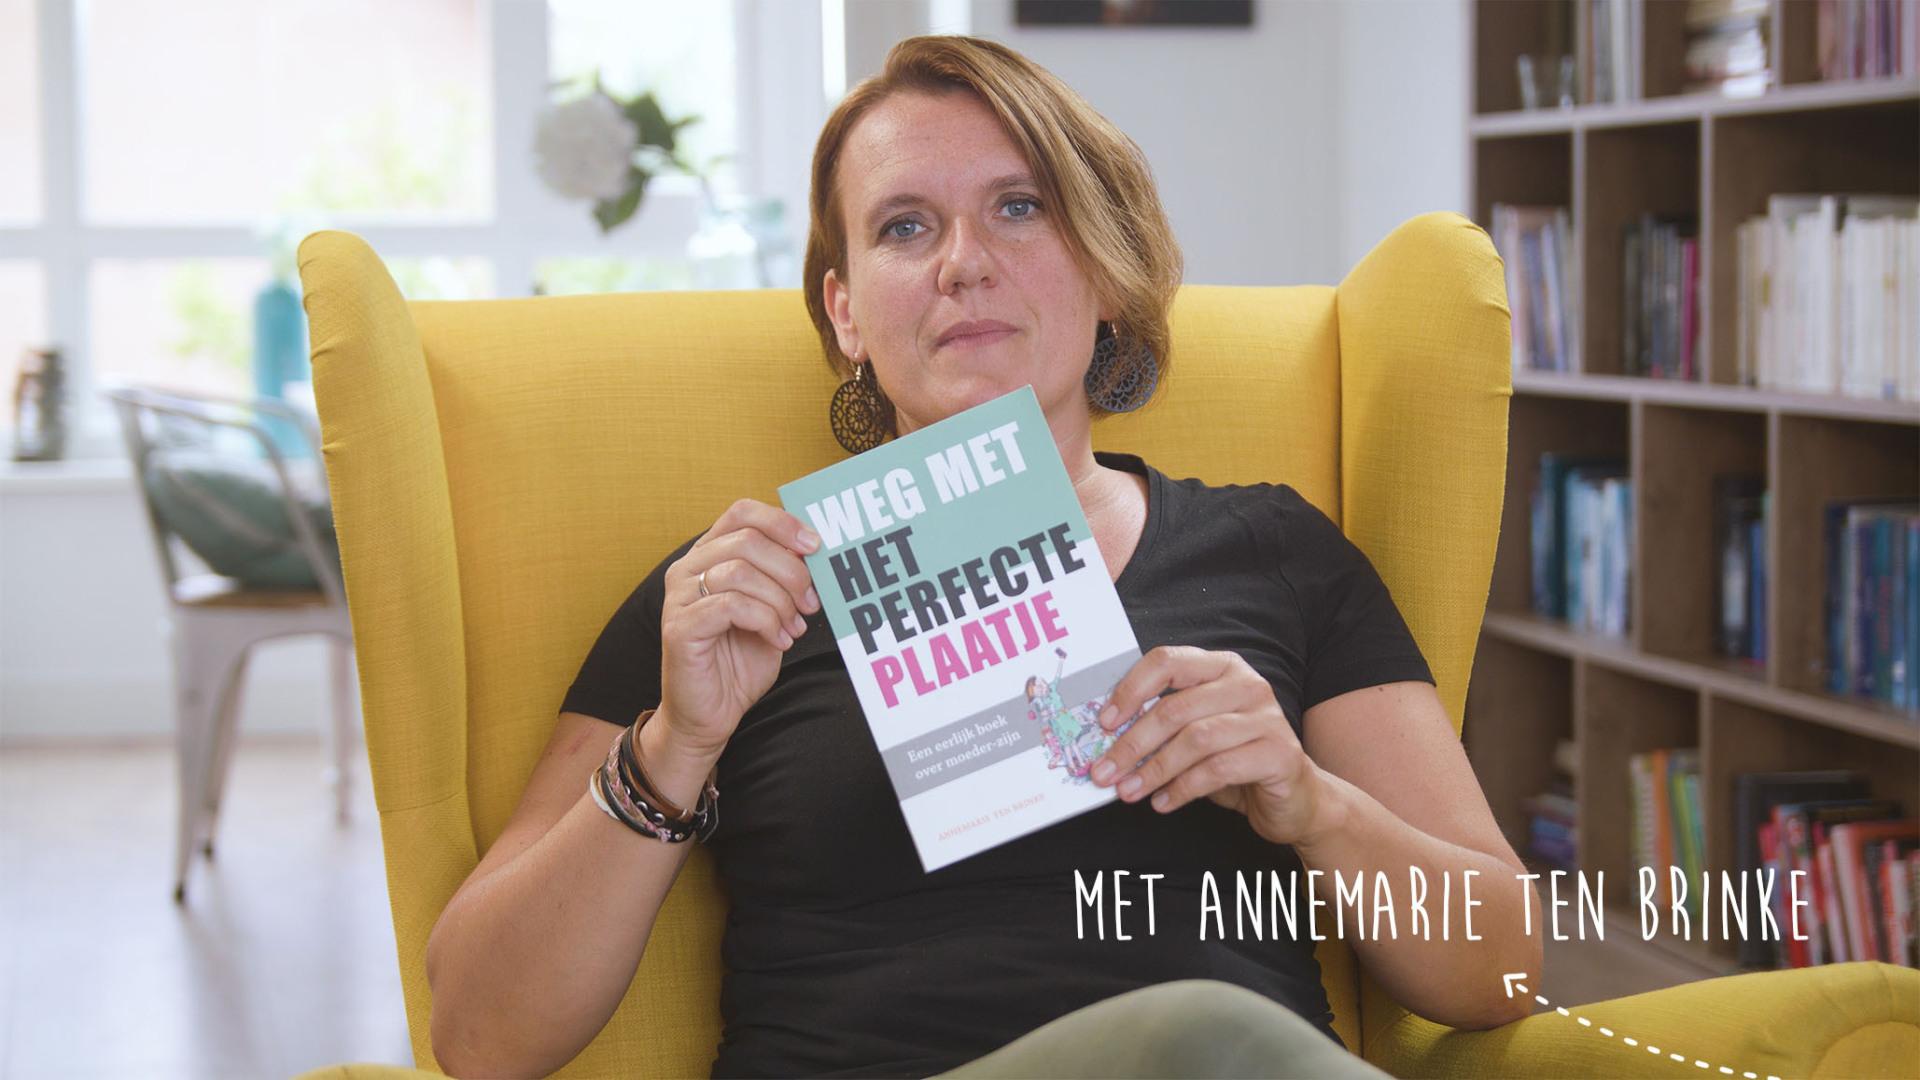 Annemarie ten Brinke met haar boek 'Weg met het perfecte plaatje'.